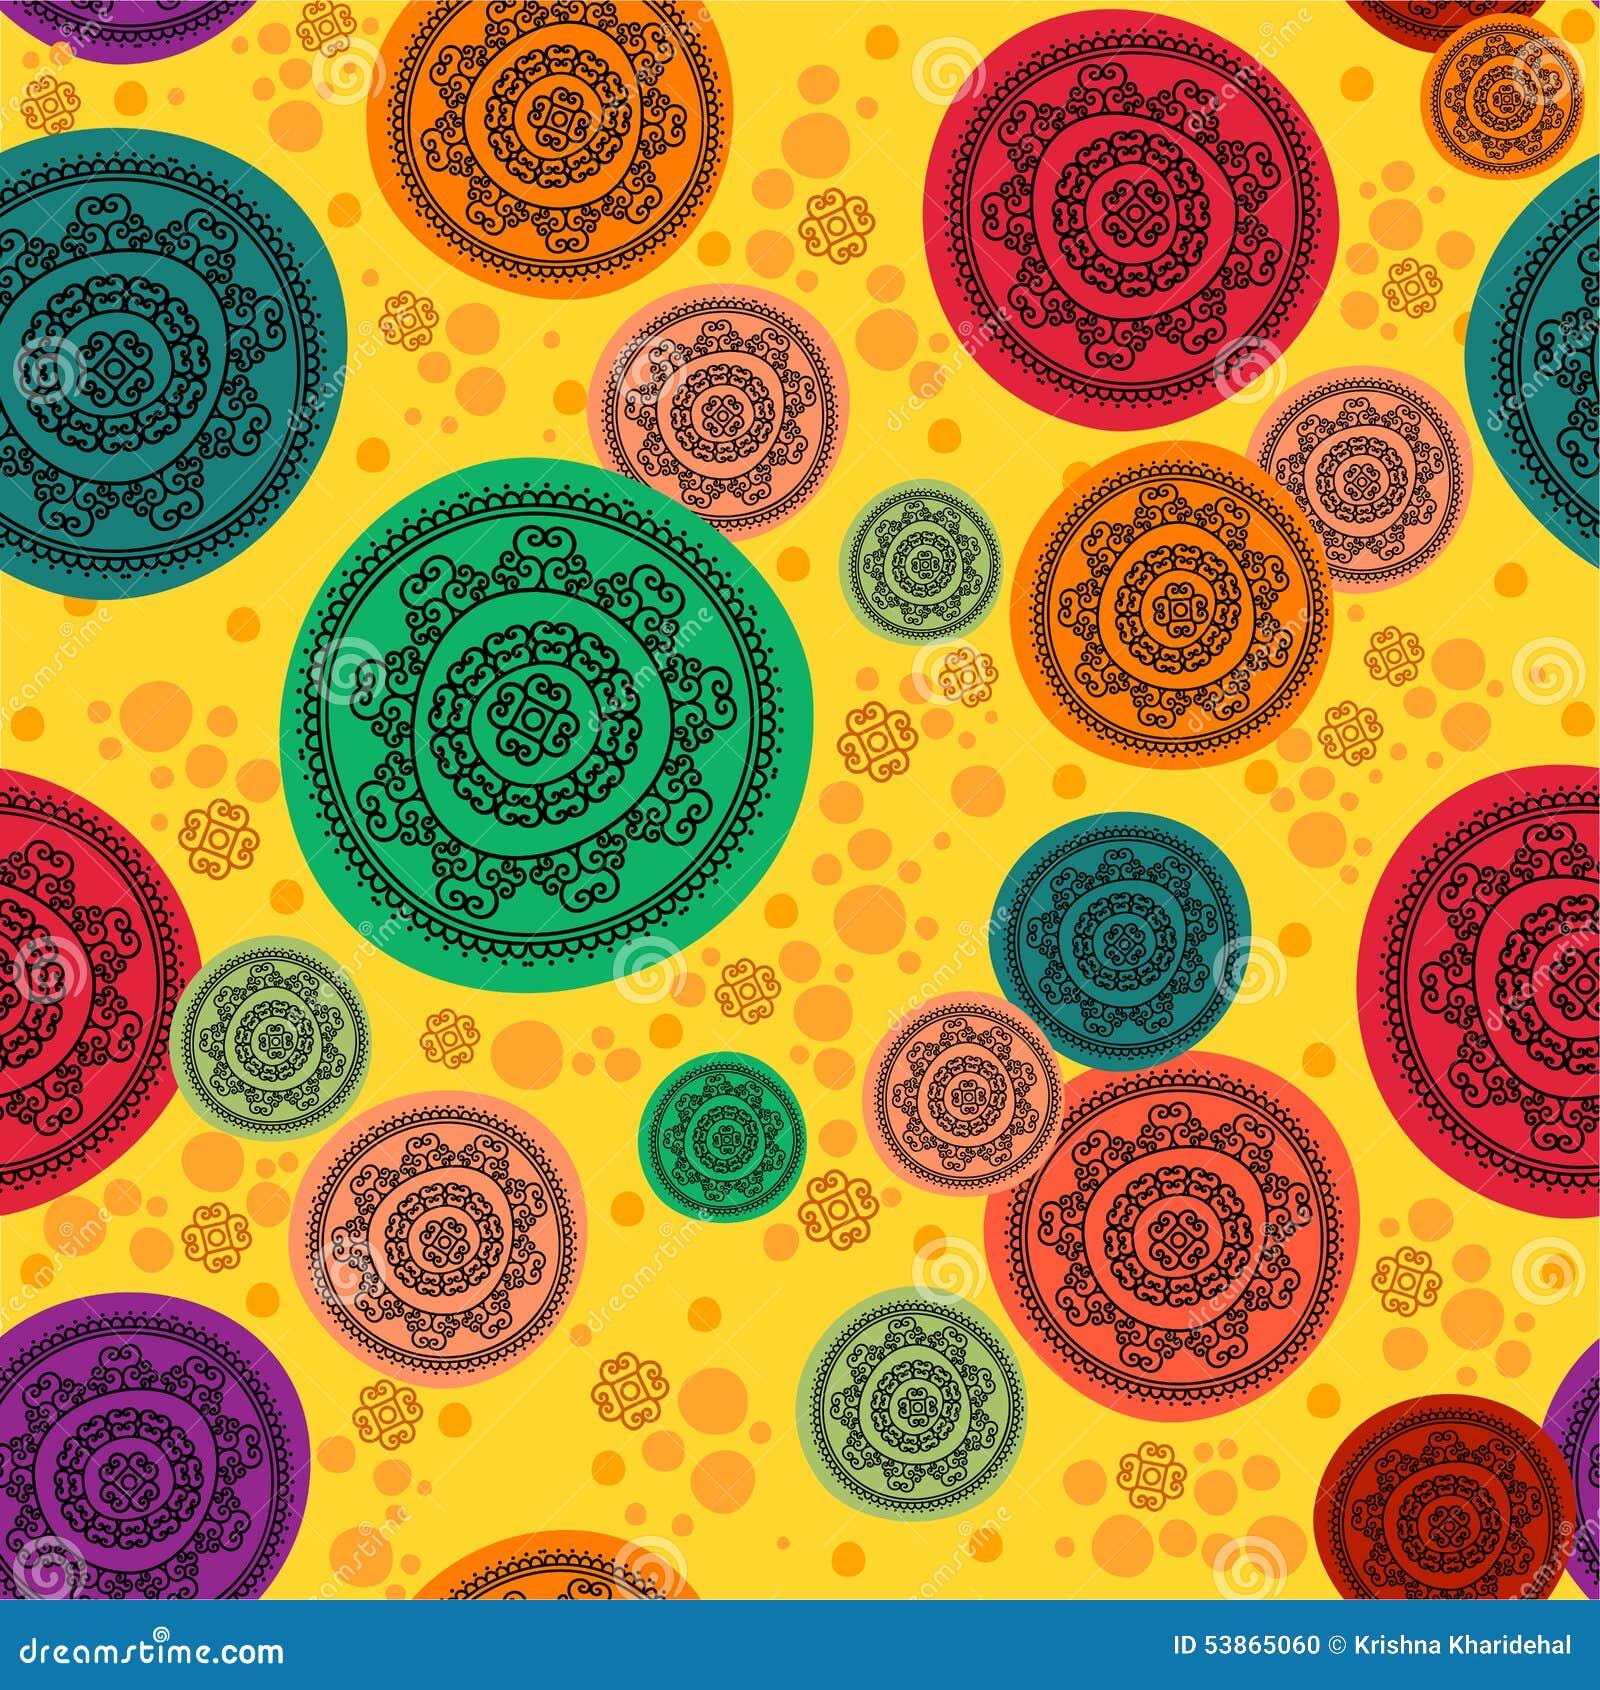 colour henna mandala background stock illustration image 53865060. Black Bedroom Furniture Sets. Home Design Ideas